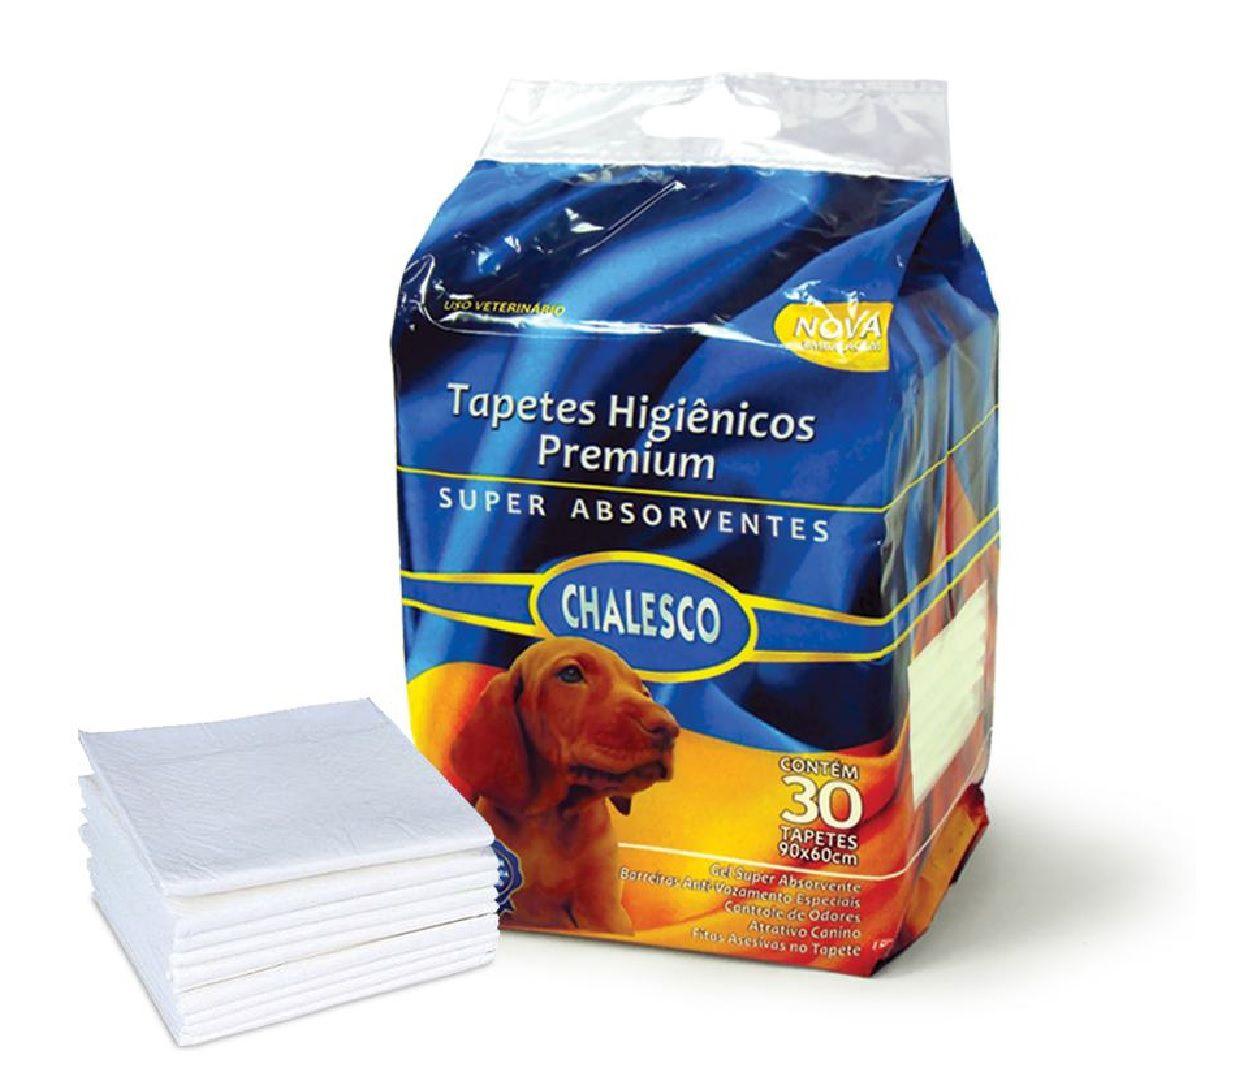 Tapete Higiênico para Cães 30 Unidades - Chalesco